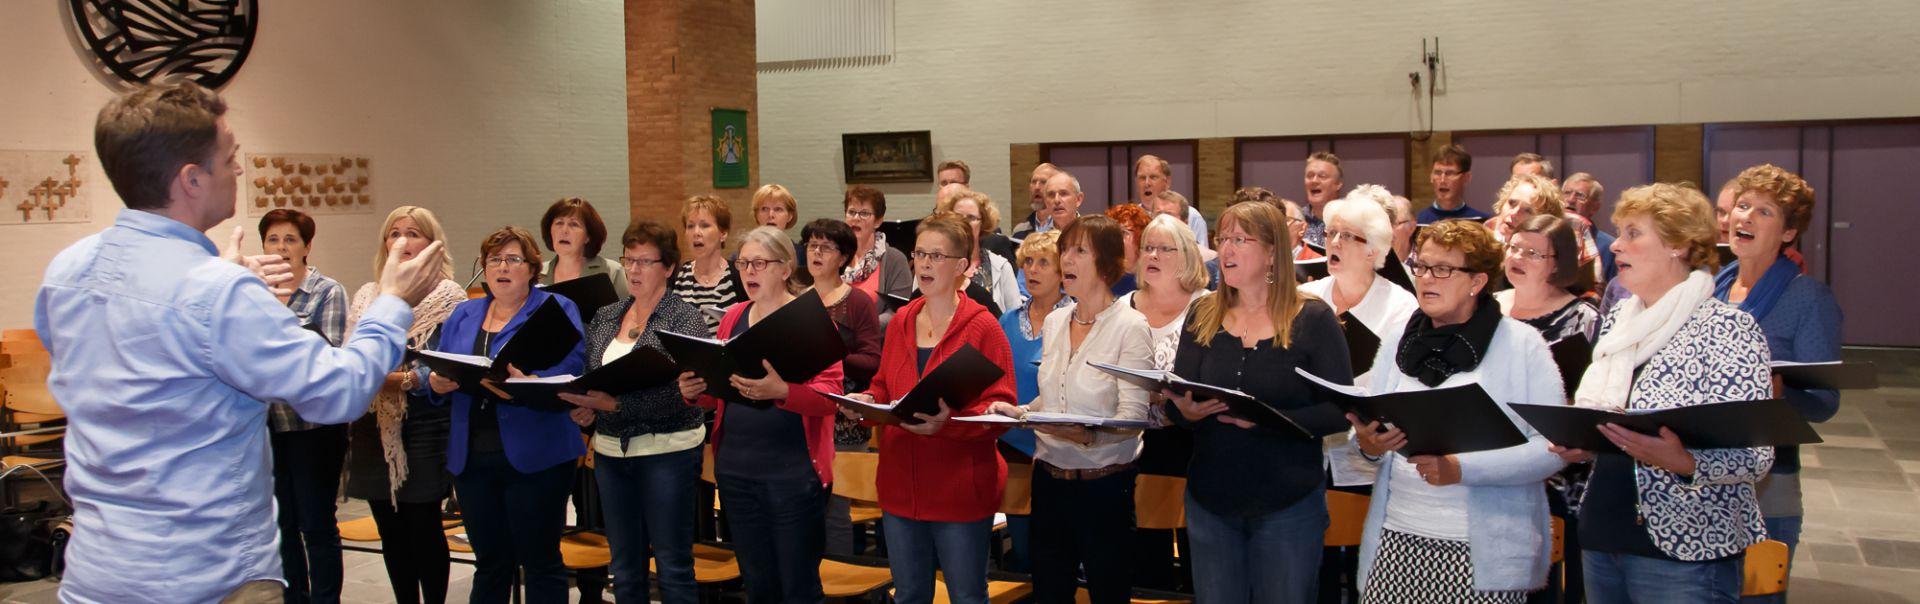 Passieconcert Opus'94 in Heilige Blasiuskerk